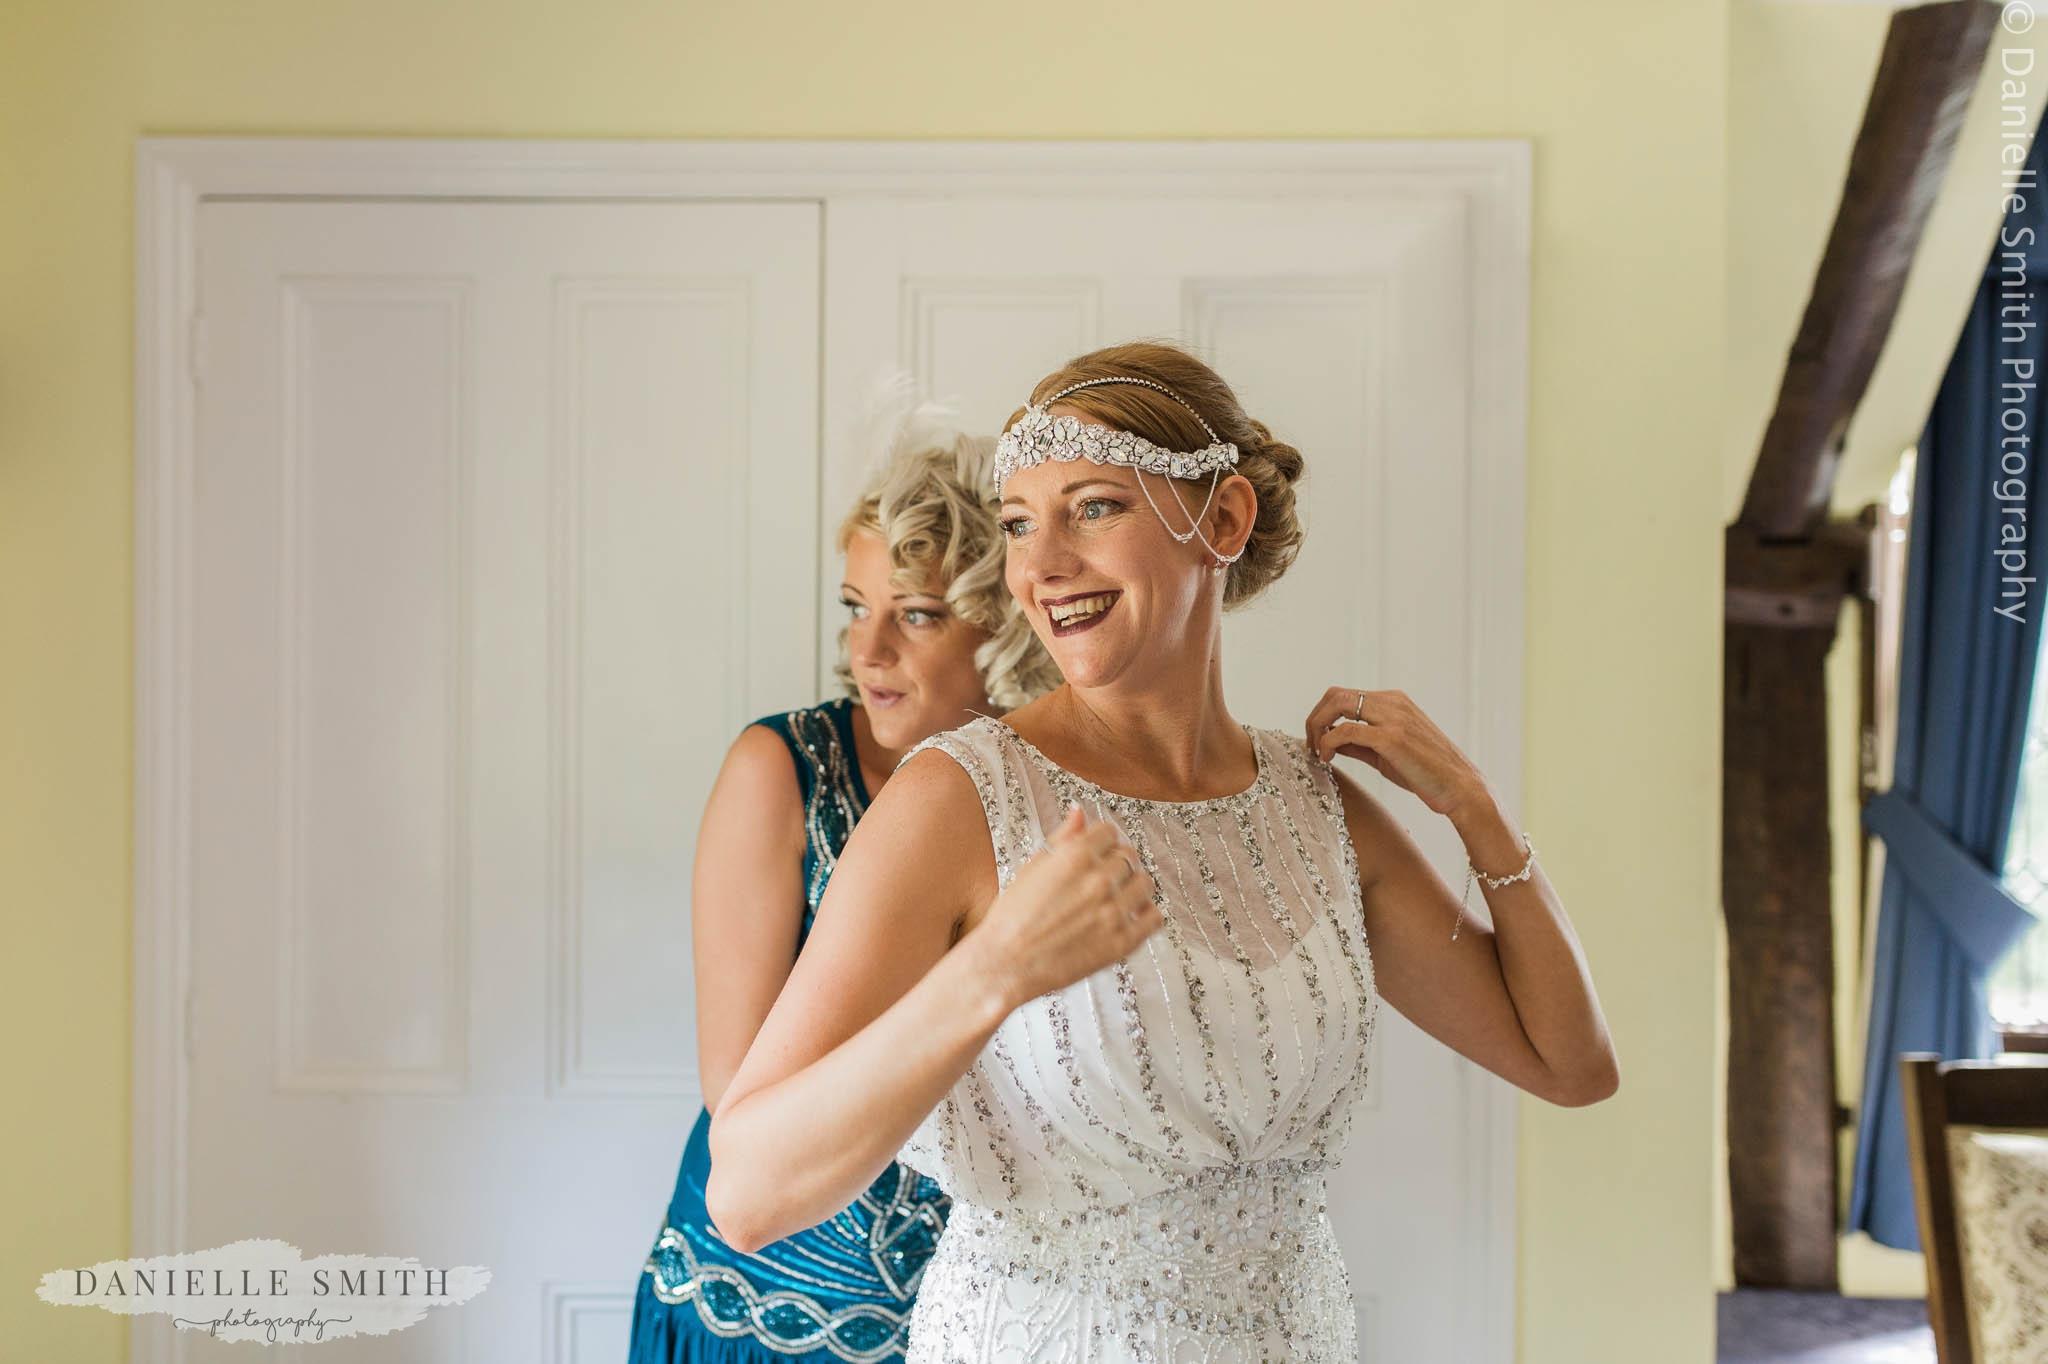 gatsby style bride getting ready